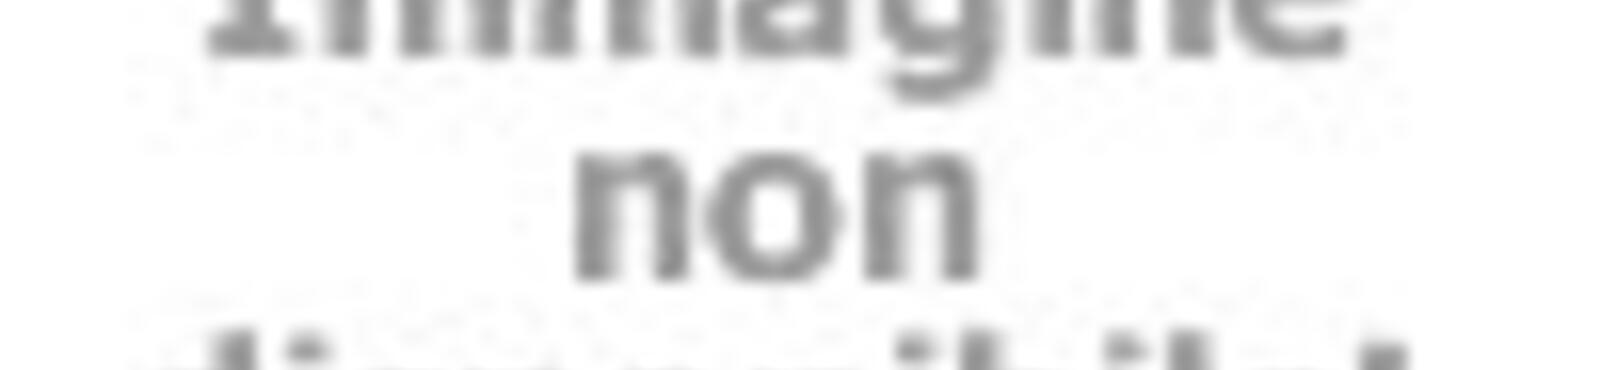 petronianaviaggi it meravigliose-dolomiti-san-vigilio-di-marebbe-ortisei-il-lago-di-braies-il-sass-de-putia-v397 002